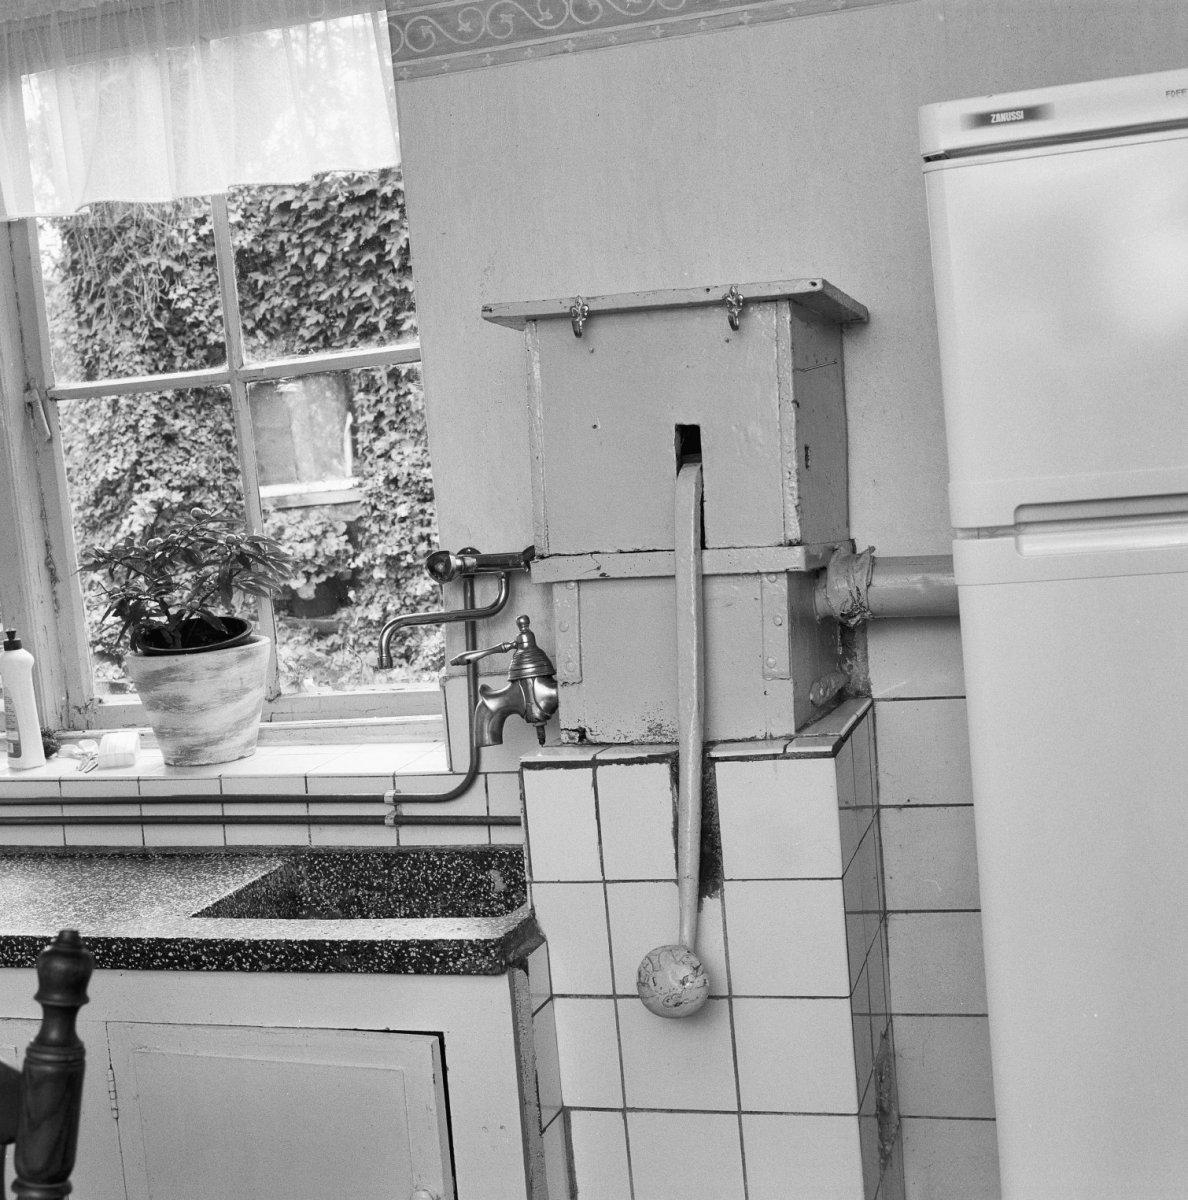 File interieur keuken waterpomp veghel 20326077 wikimedia commons - Oude foto keuken ...